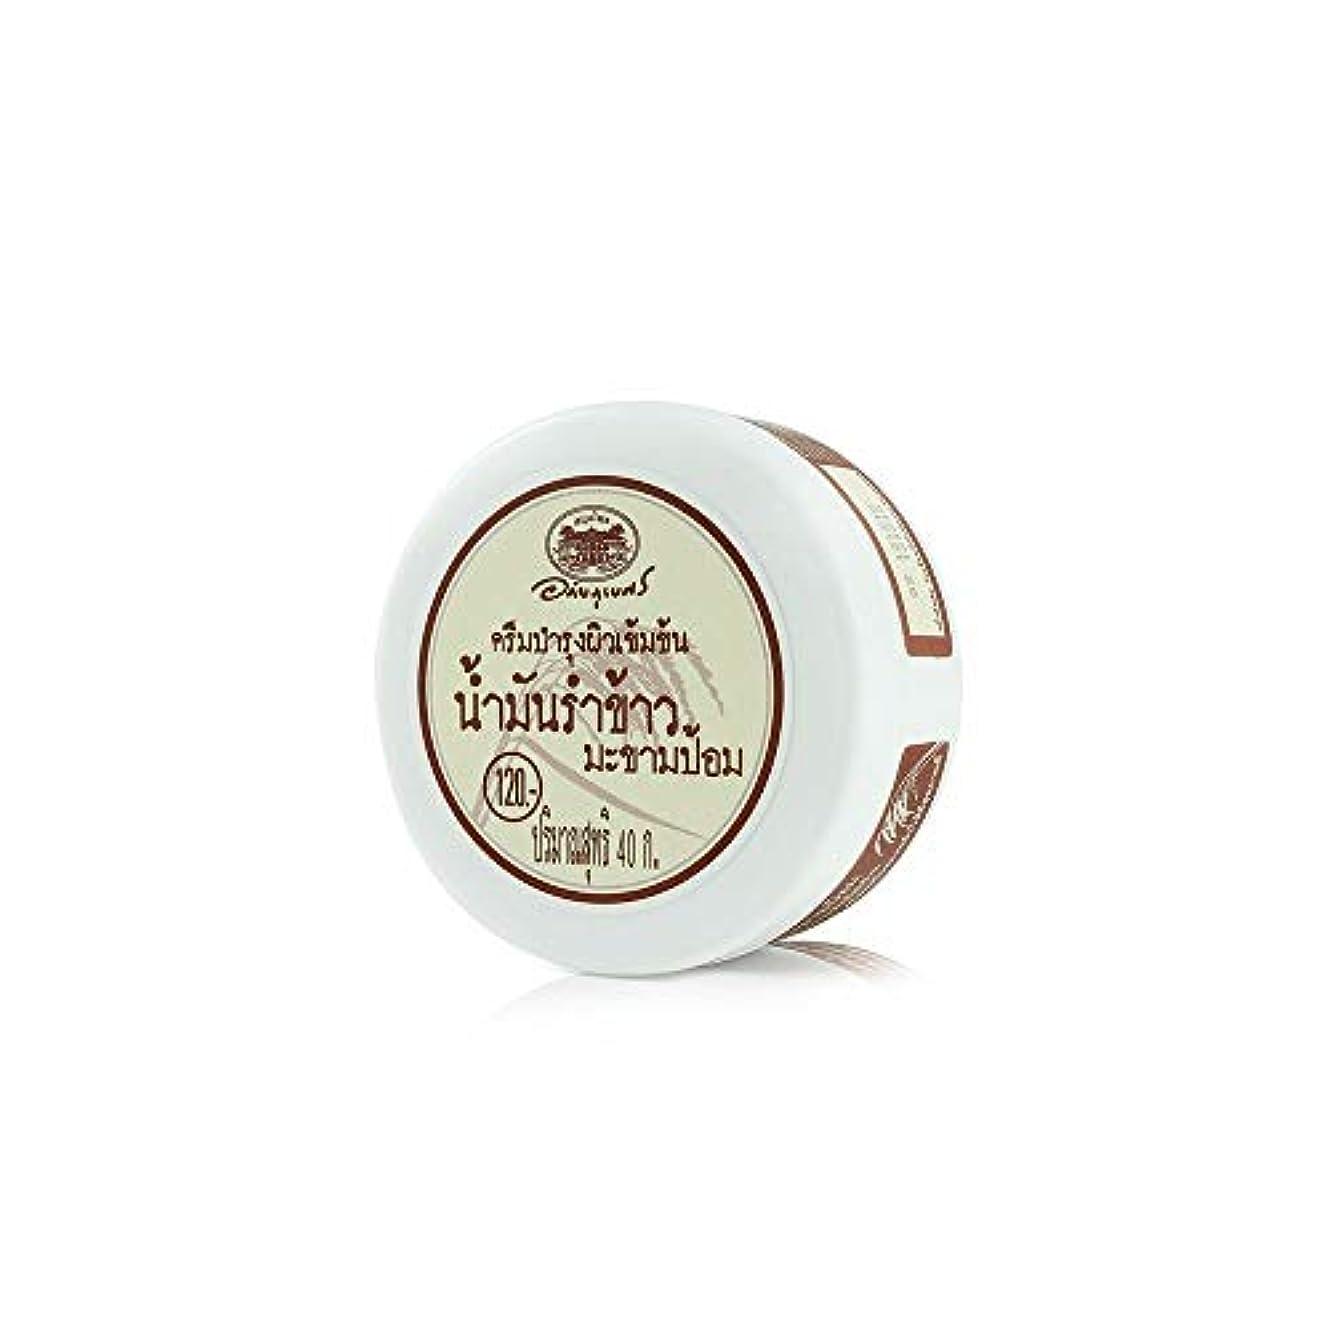 実質的に快適ひどくAbhaibhubejhr Rice Bran Oil Plus Tamarind Extract Herbal Body Cream 40g. Abhaibhubejhrライスブランオイルプラスタマリンドエクストラクトハーブボディクリーム...